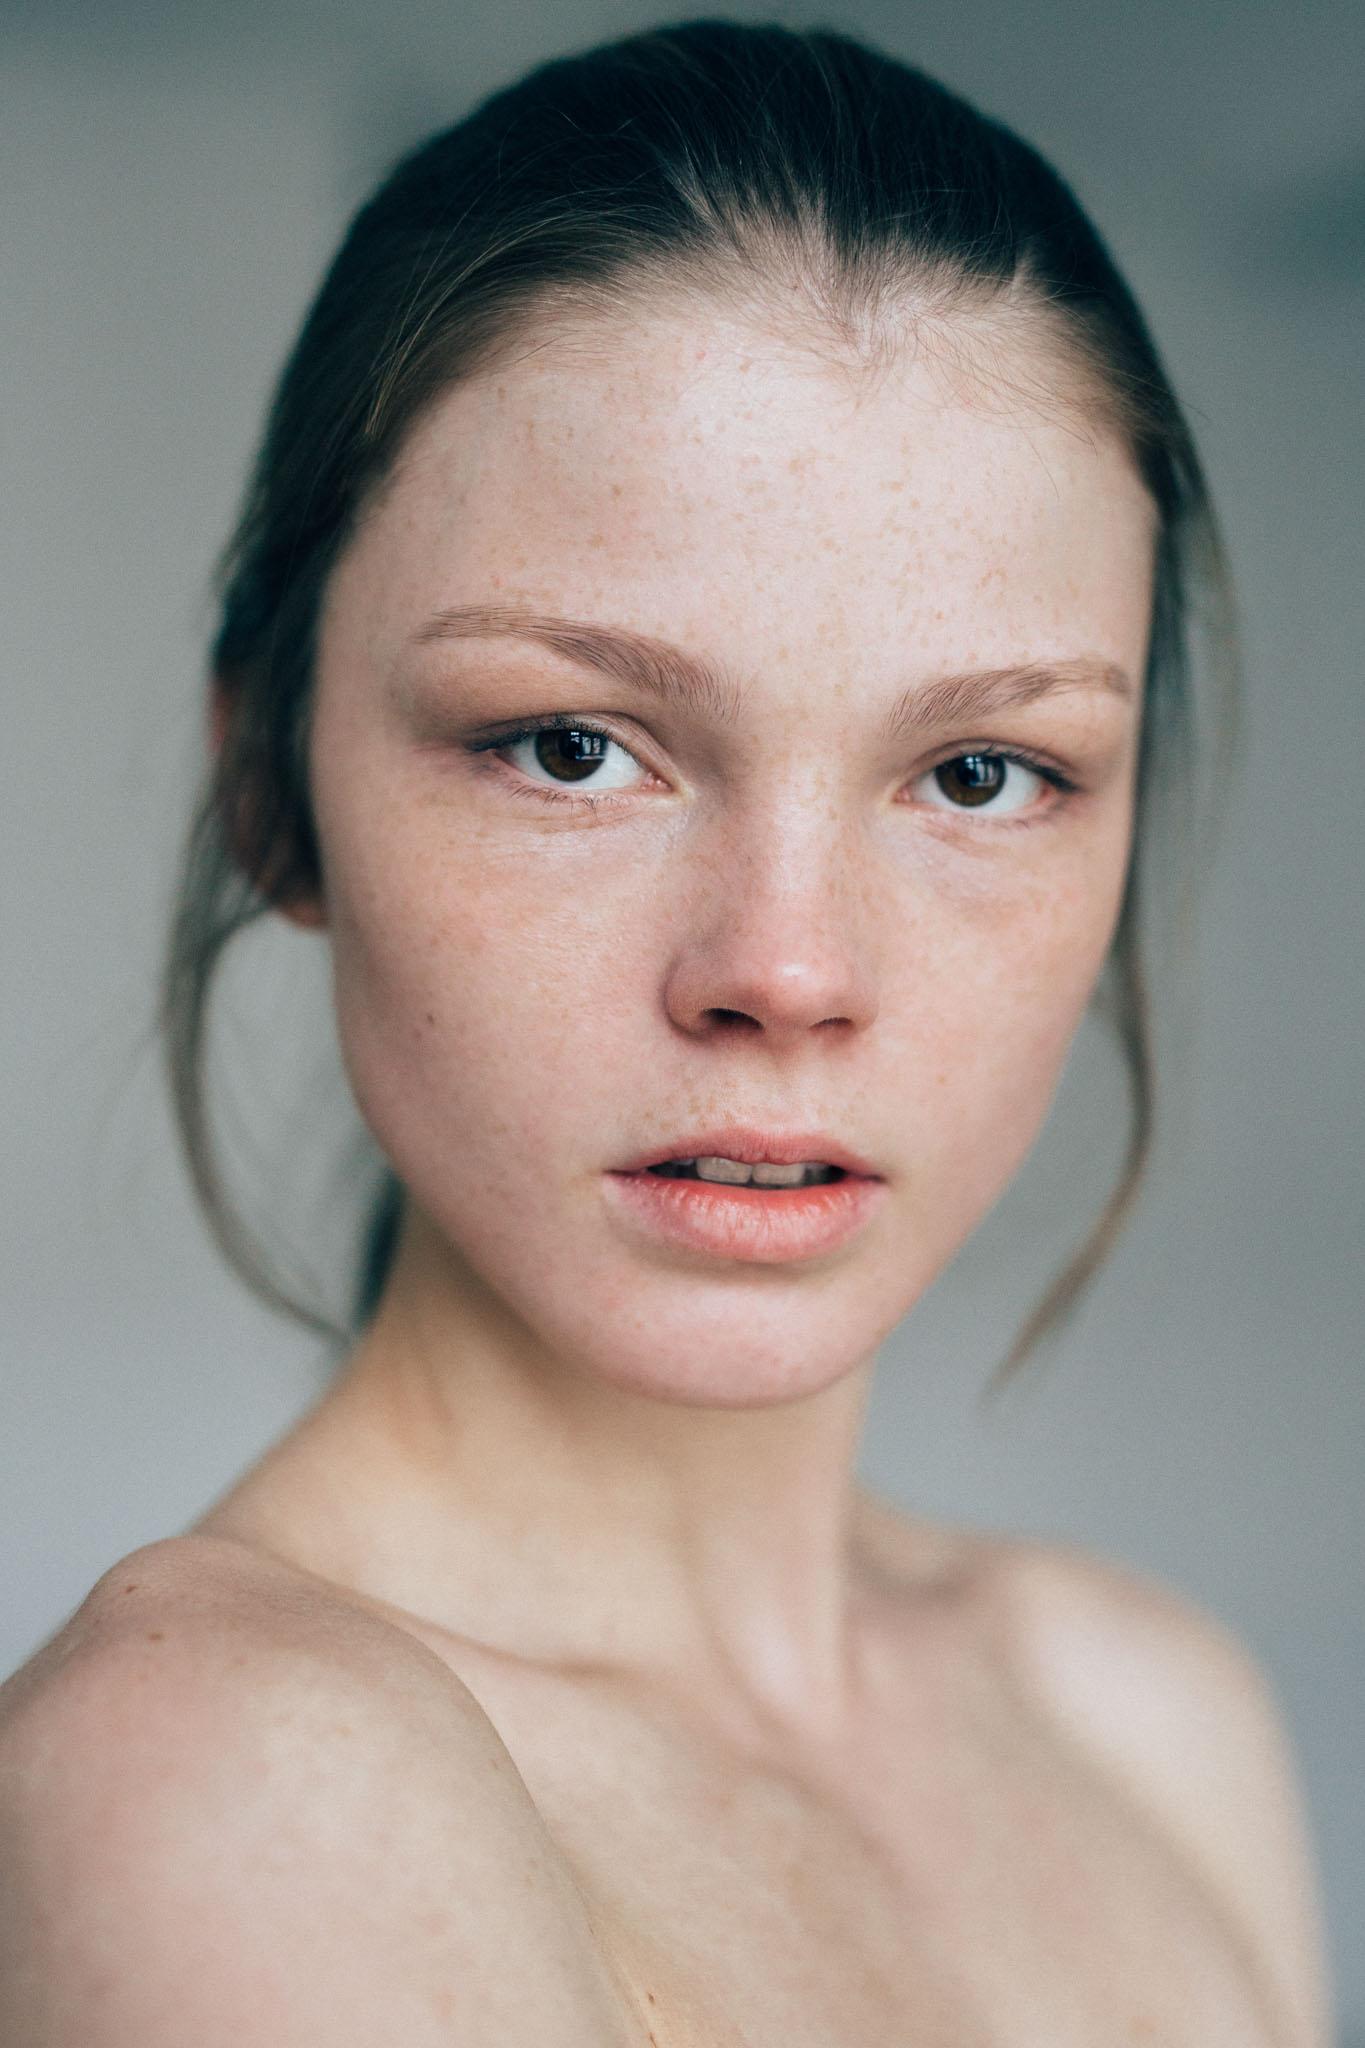 fotograf portrait schauspieler